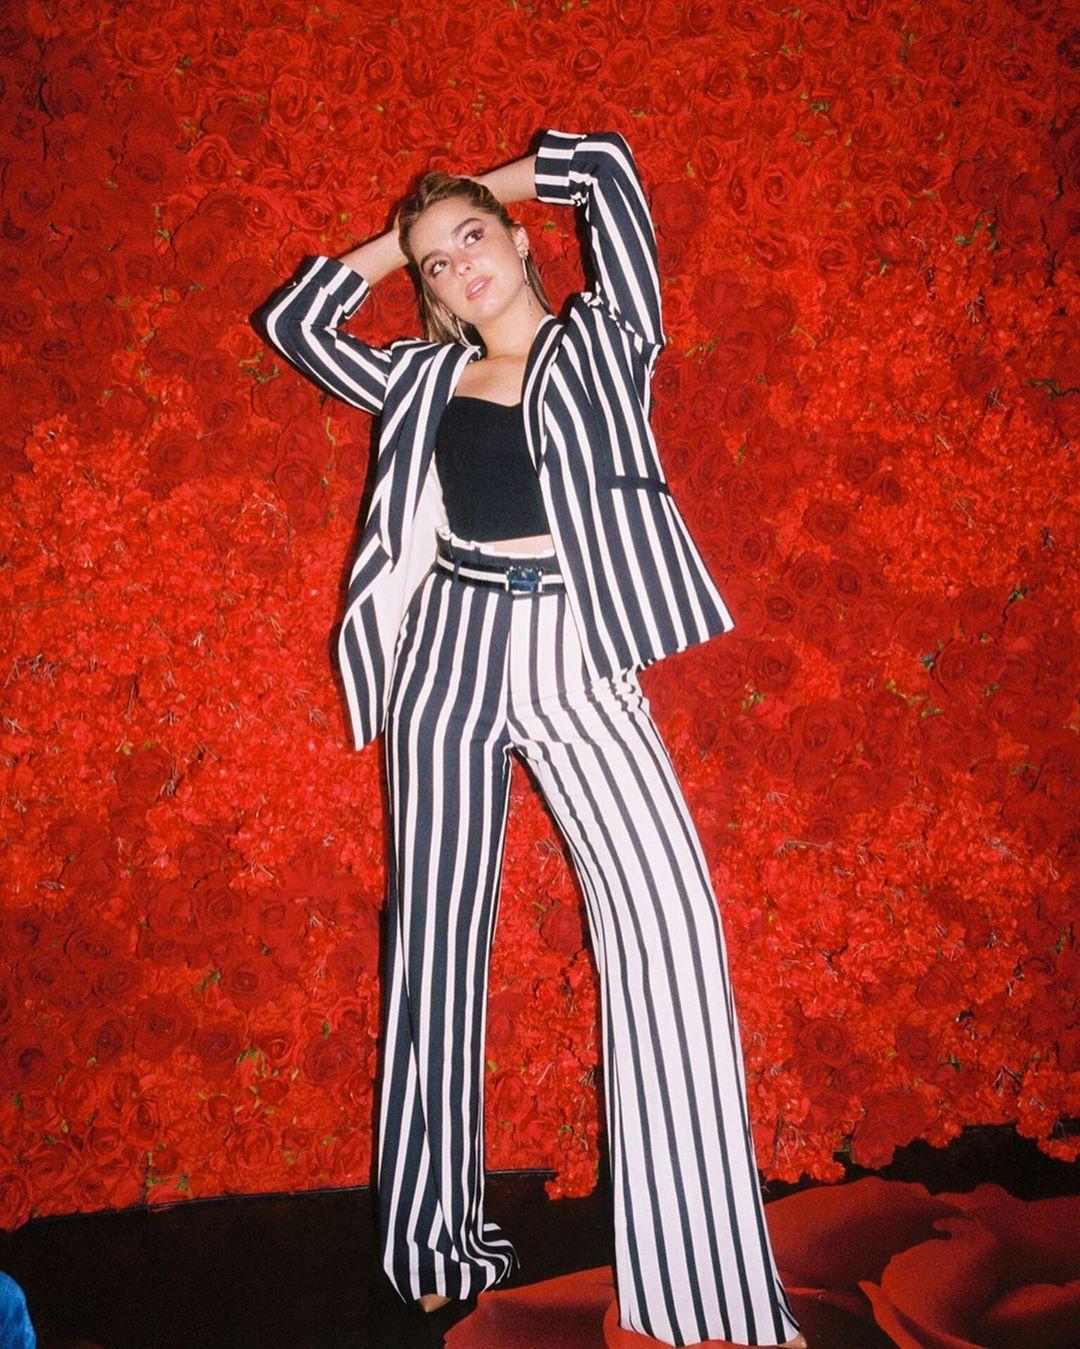 Addison Rae, fashion illustration, illustration, style